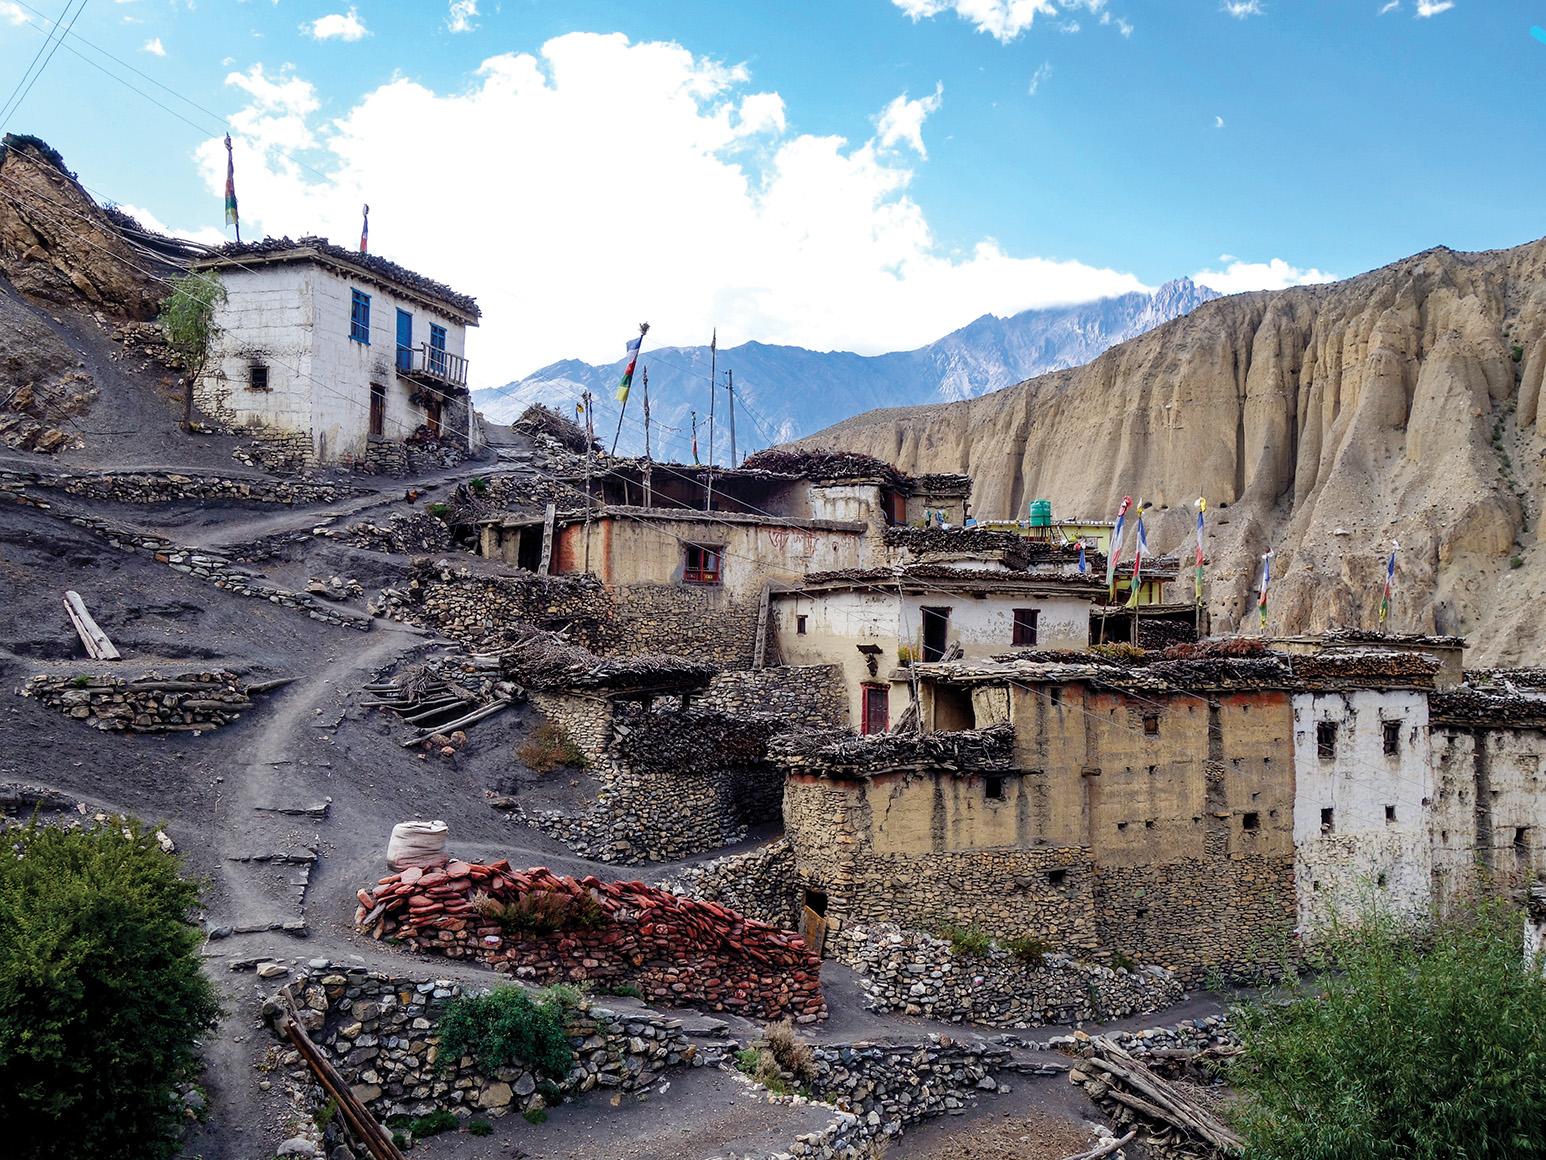 Lubra, El Pueblo Escondido de Bon en Lower Mustang